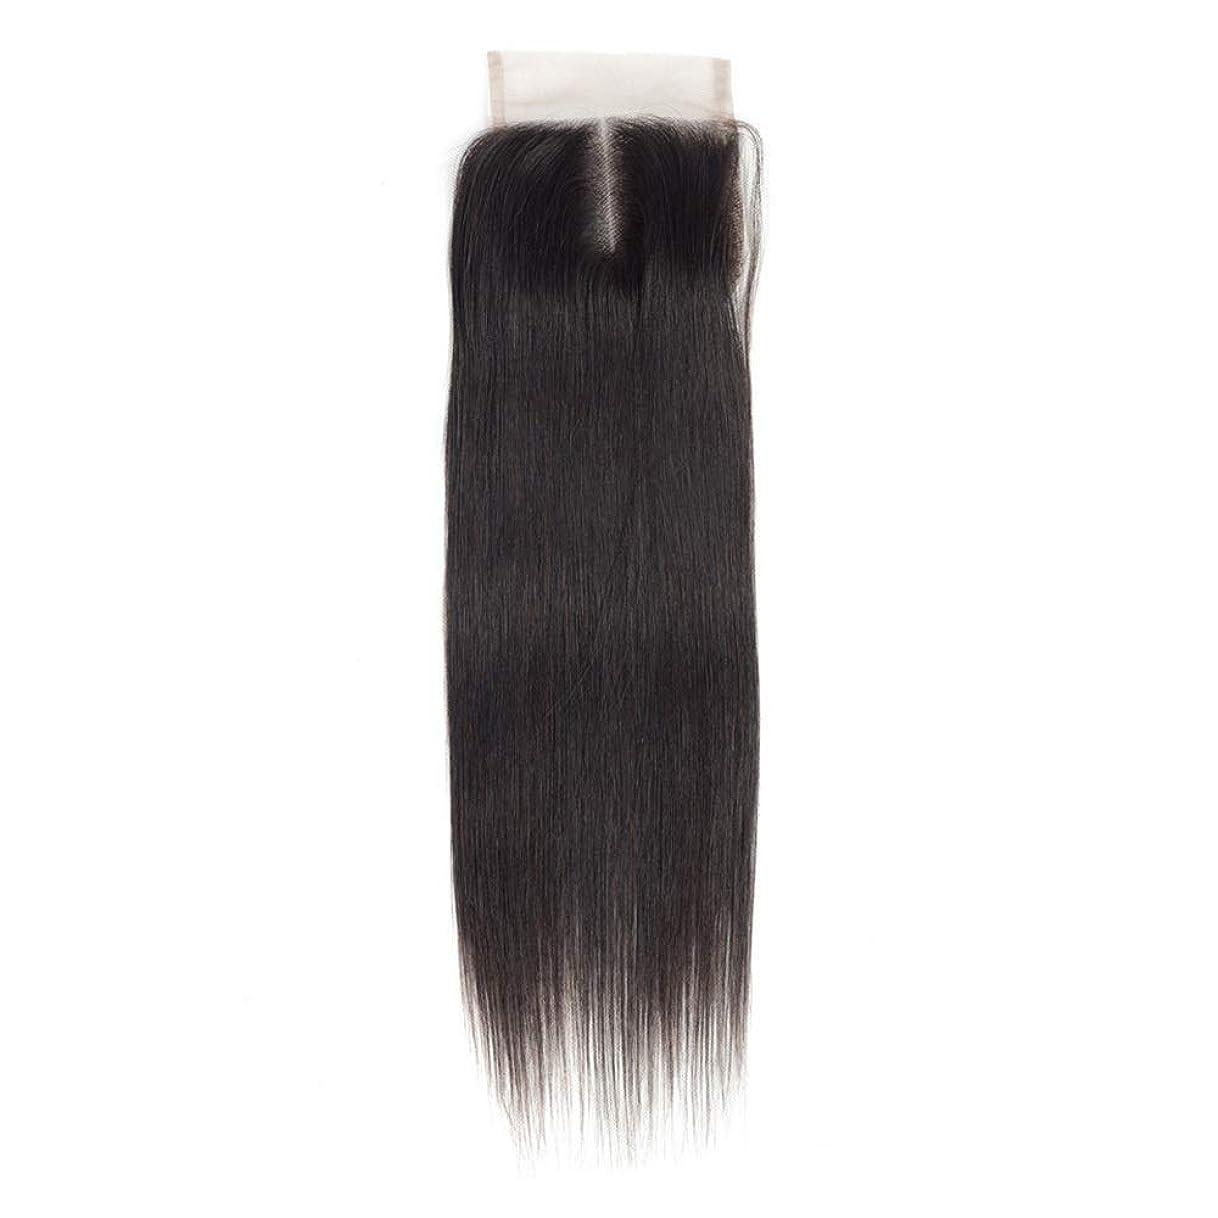 中間飼料鉄道HOHYLLYA 女性のRemy人間の髪の毛4×4レース前頭閉鎖中央部ナチュラルカラーストレート横糸ヘアエクステンションロングストレートヘアウィッグ (Color : ブラック, サイズ : 18 inch)